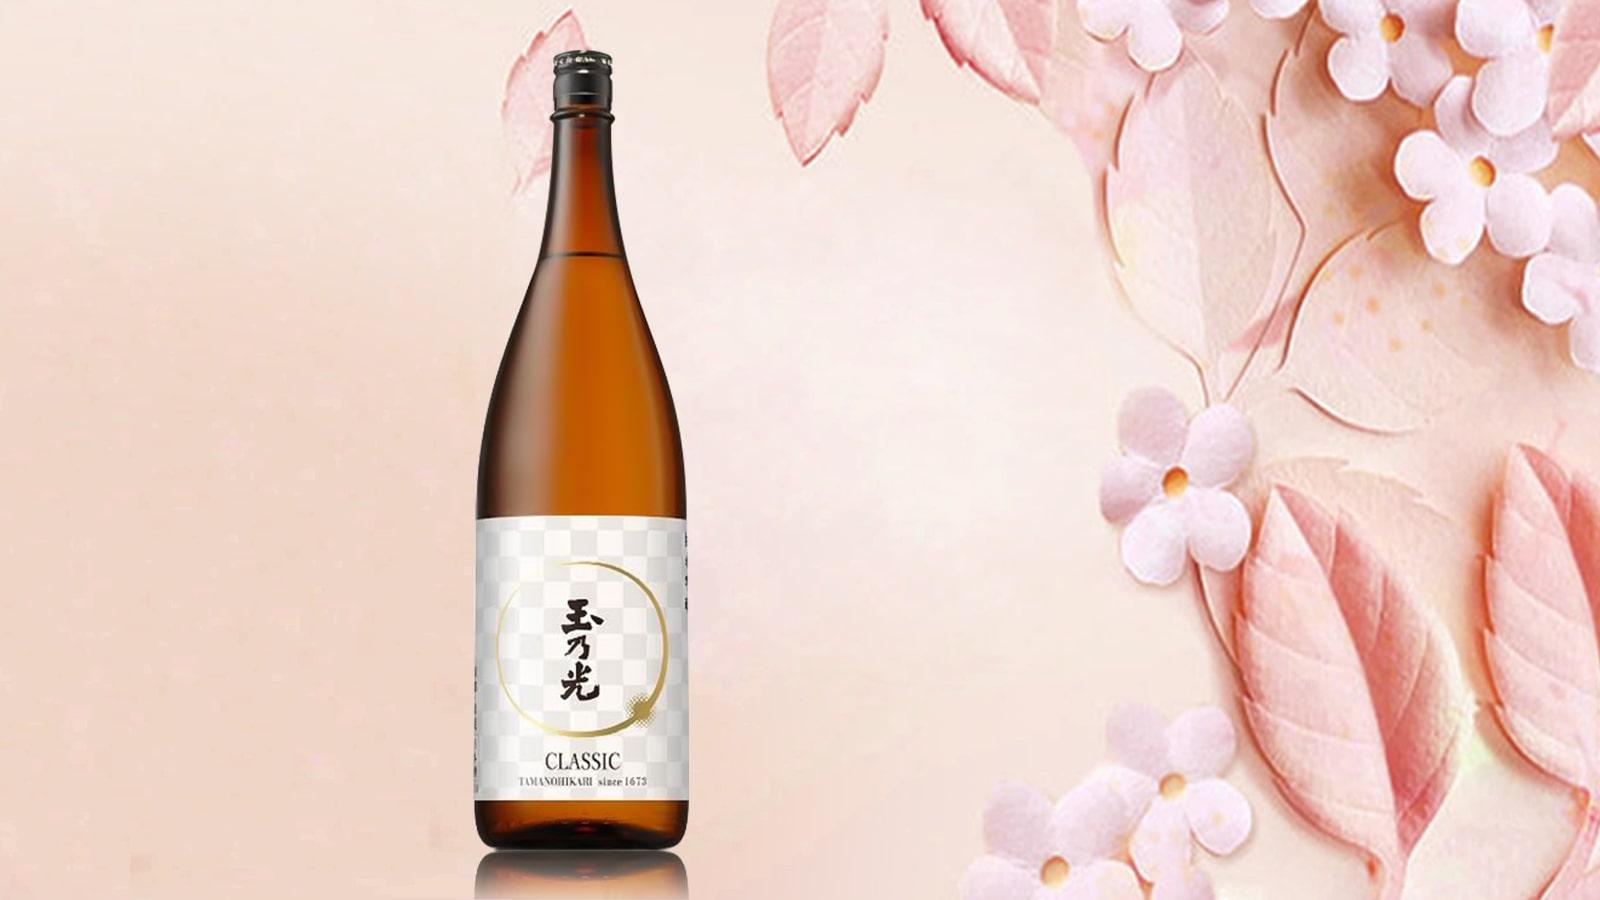 Rượu sake Nhật Bản mua ở đâu giá rẻ và chất lượng